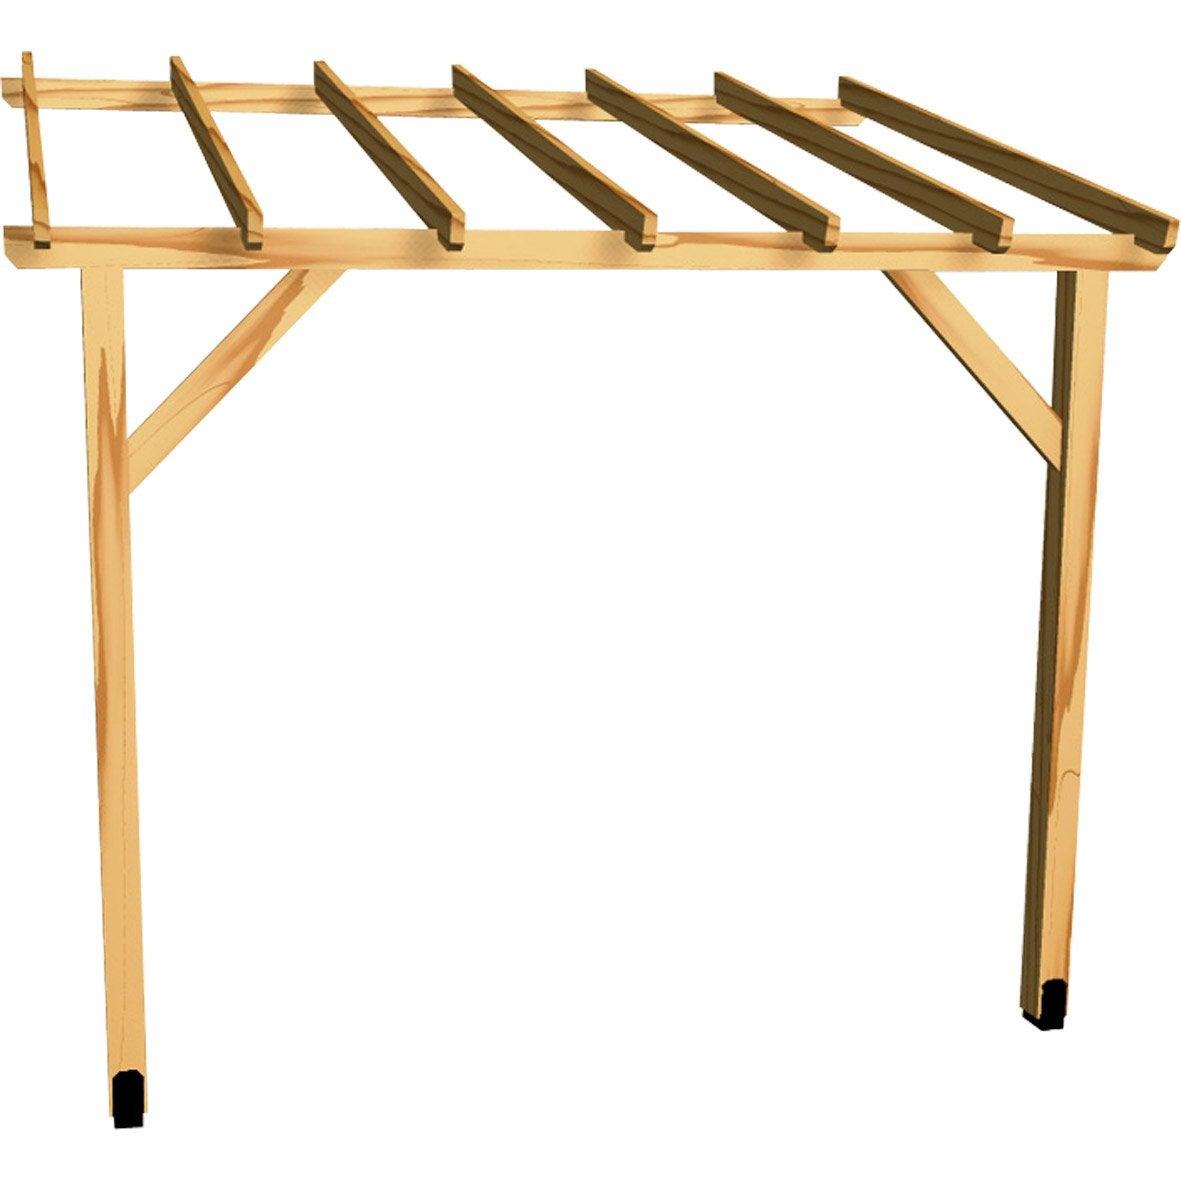 Appenti en bois traité AUVENT 1 pan, 6 m²  Leroy Merlin